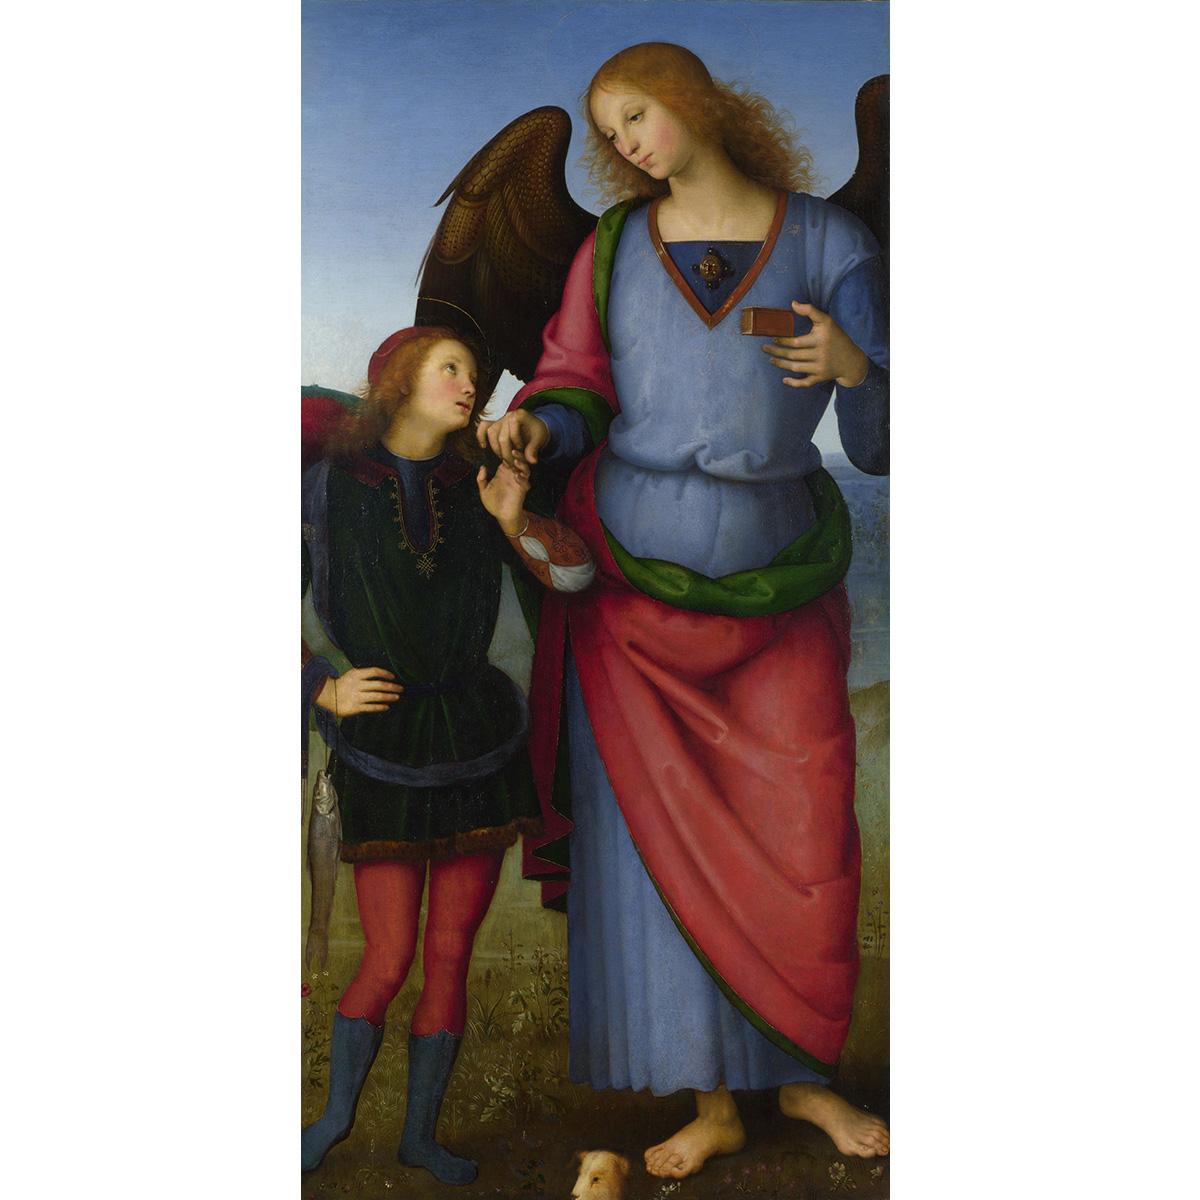 大天使拉斐尔与托比亚斯 人物油画 装饰画 居家室内咖啡厅66-134